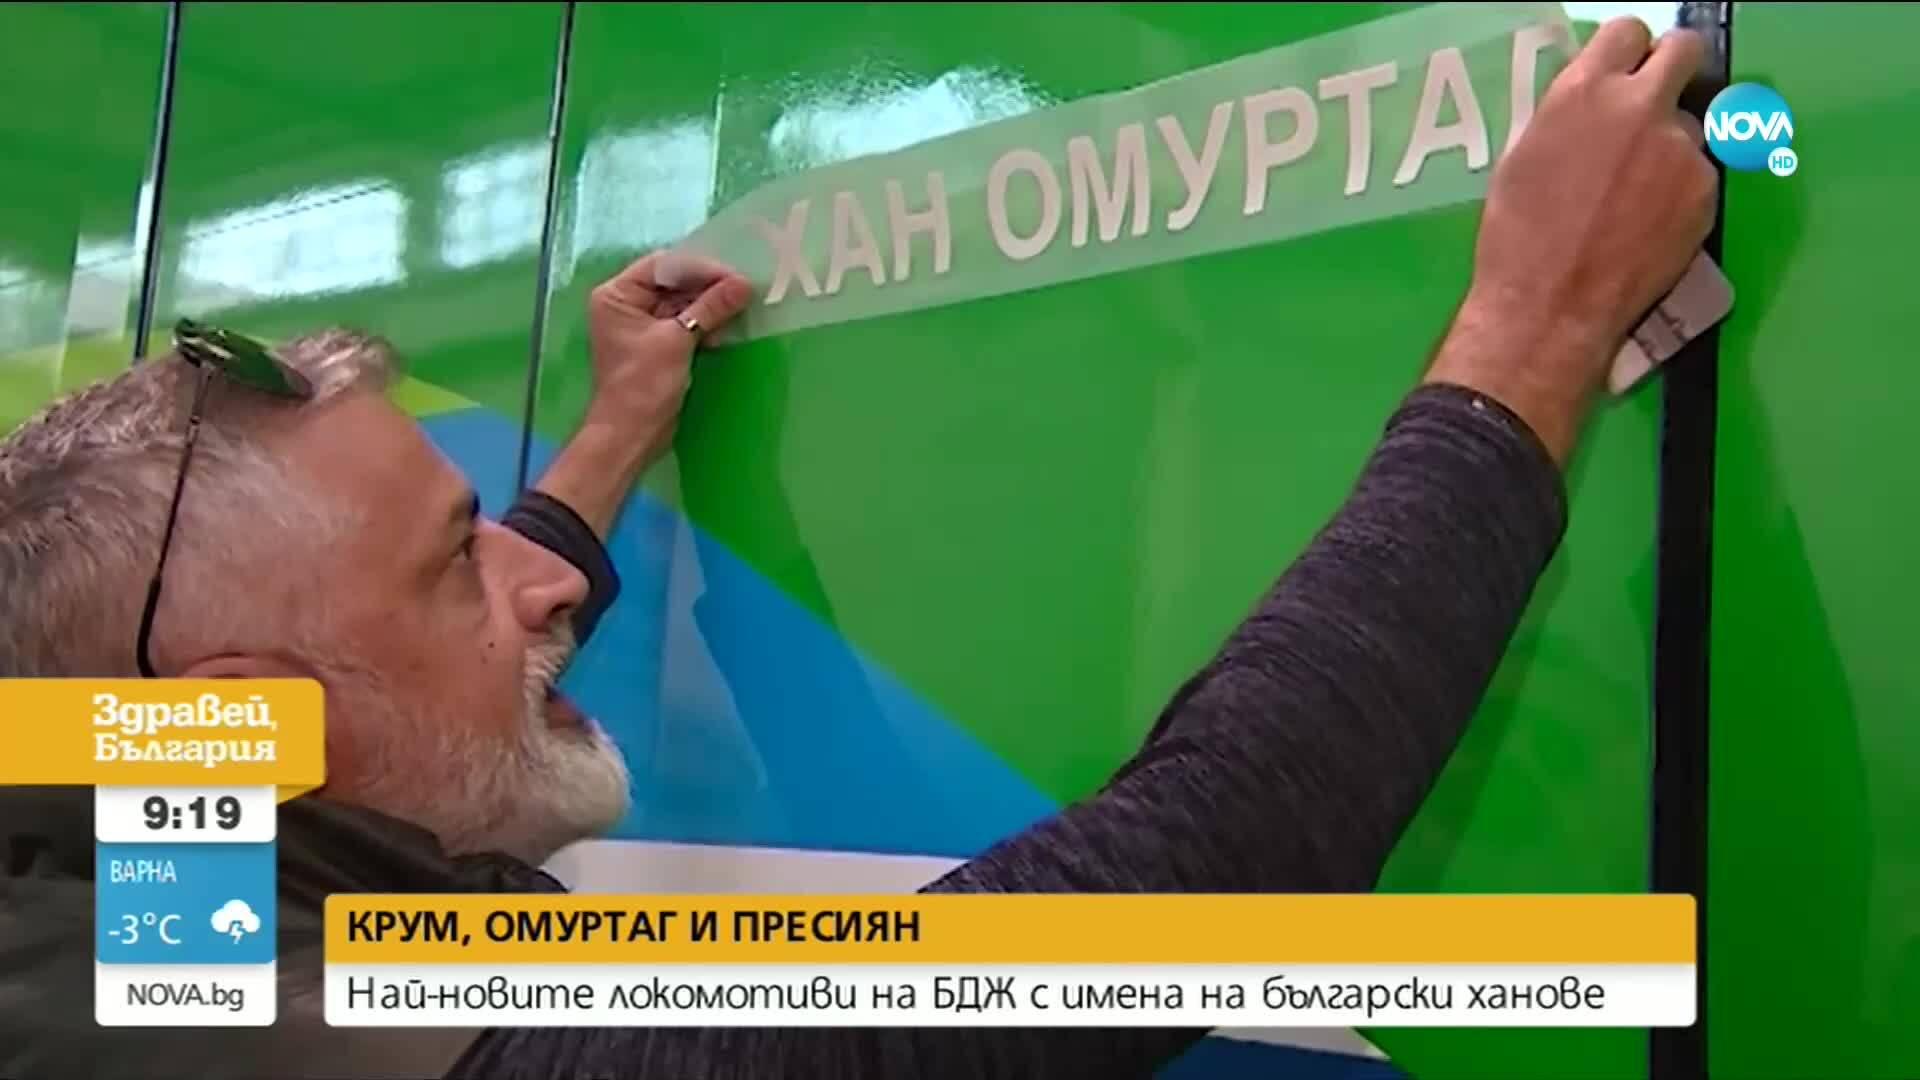 Най-новите локомотиви на БДЖ ще носят имена на български ханове